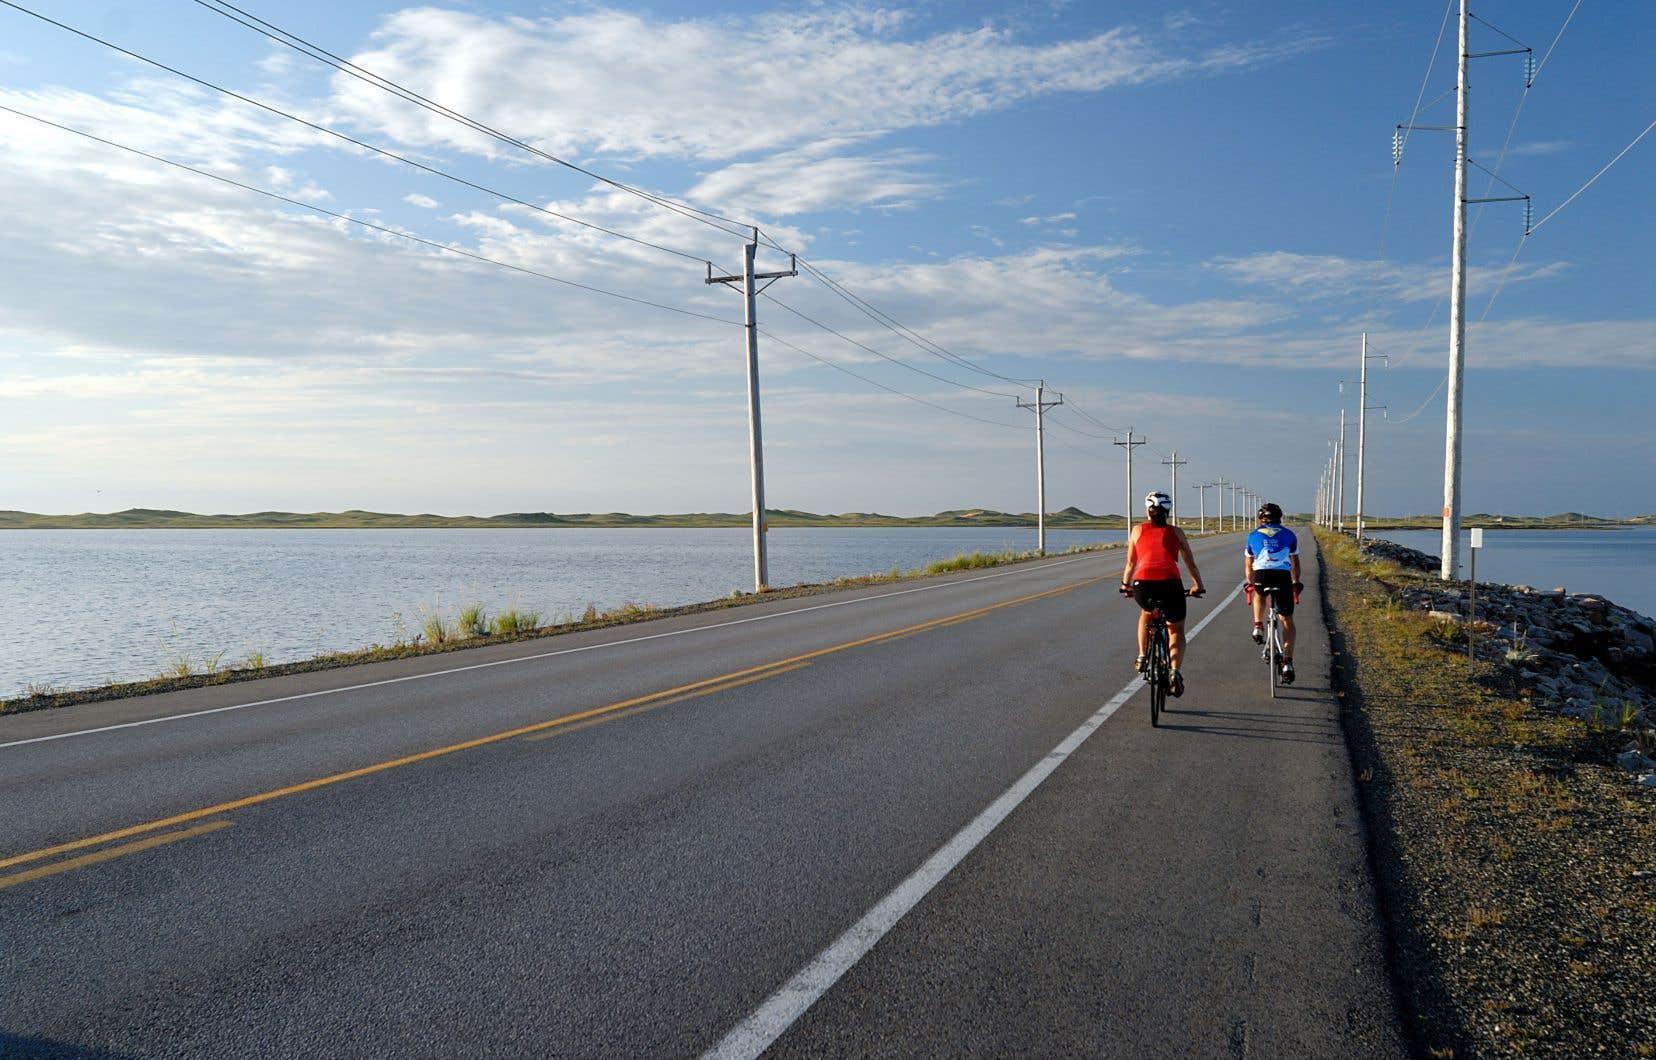 Une belle expérience à vivre, depuis Montréal ou Québec, consiste à quitter le port à bord d'un bateau de croisière avec son vélo. Direction: les îles de la Madeleine!